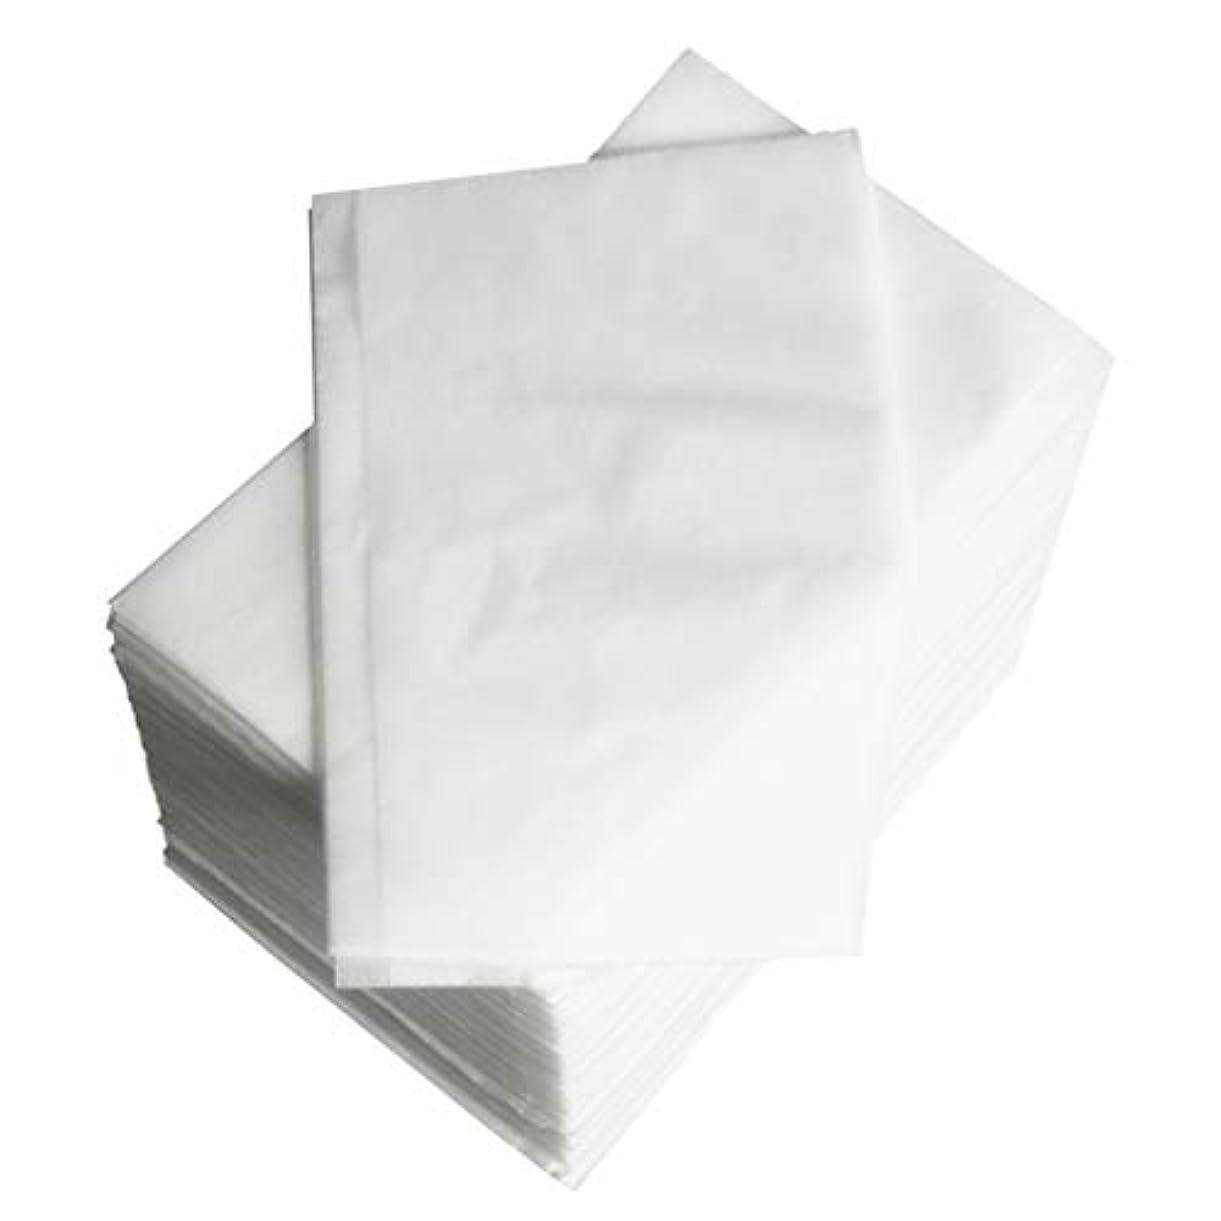 運動切り離す花嫁chiwanji マッサージ テーブルカバー使い捨て 約100個入り 全2カラー - 白